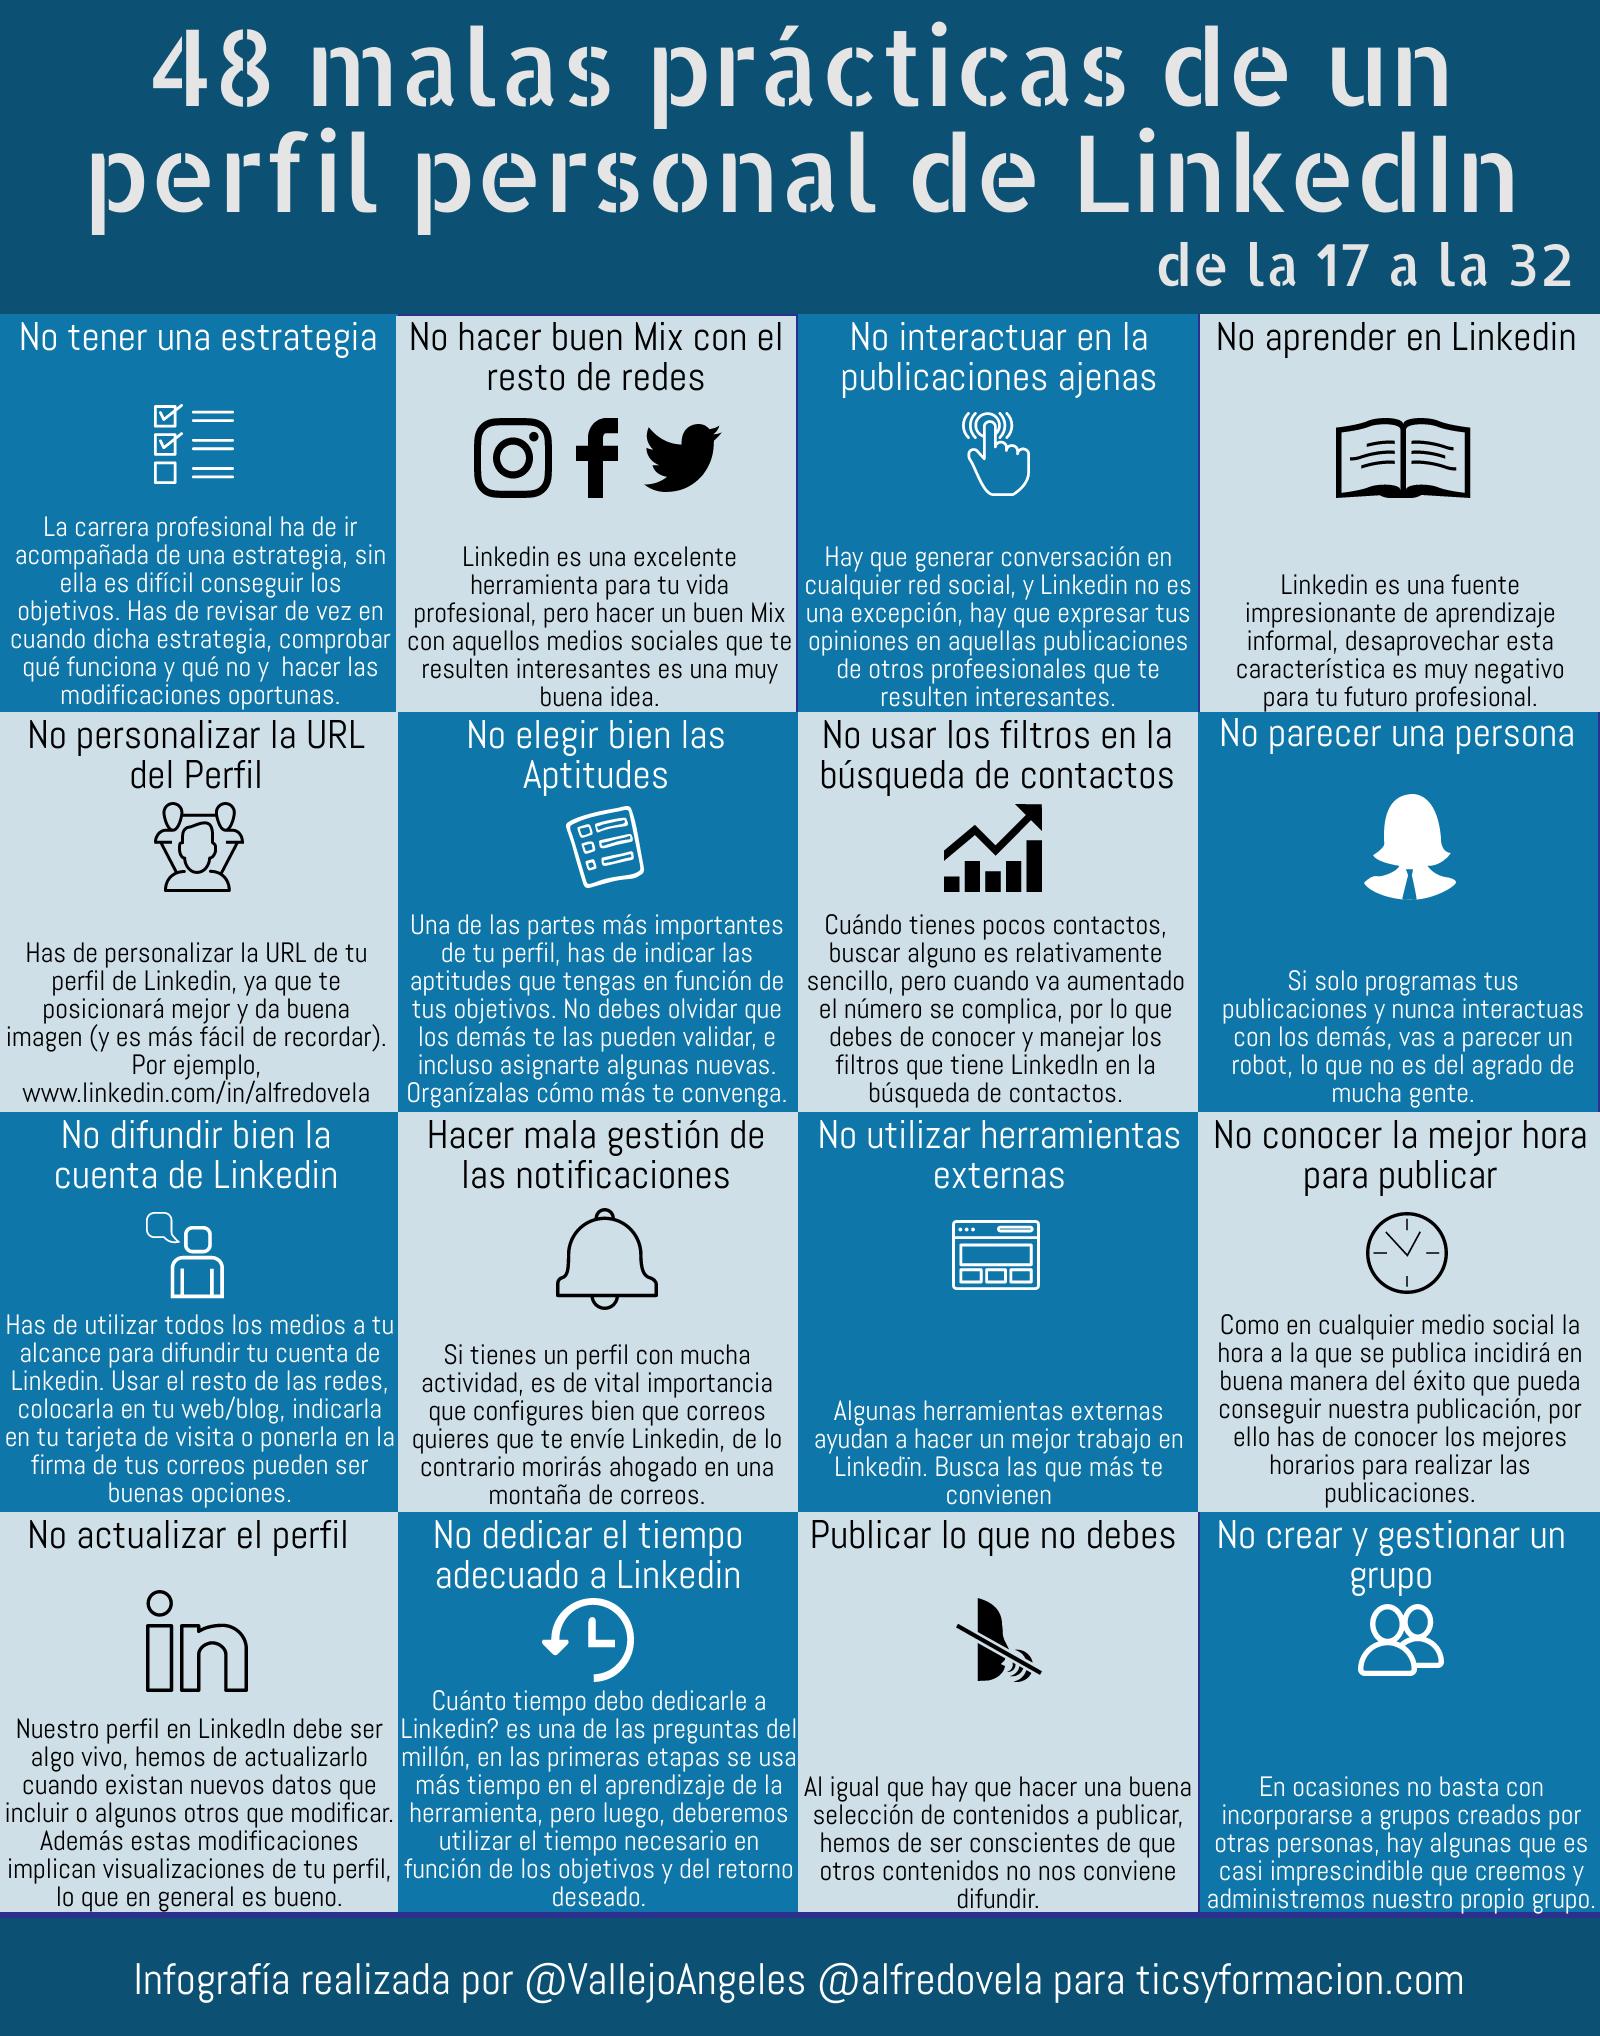 48 malas prácticas de un perfil personal en LinkedIn (de la 17 a la 32) #infografia #infographic #socialmedia